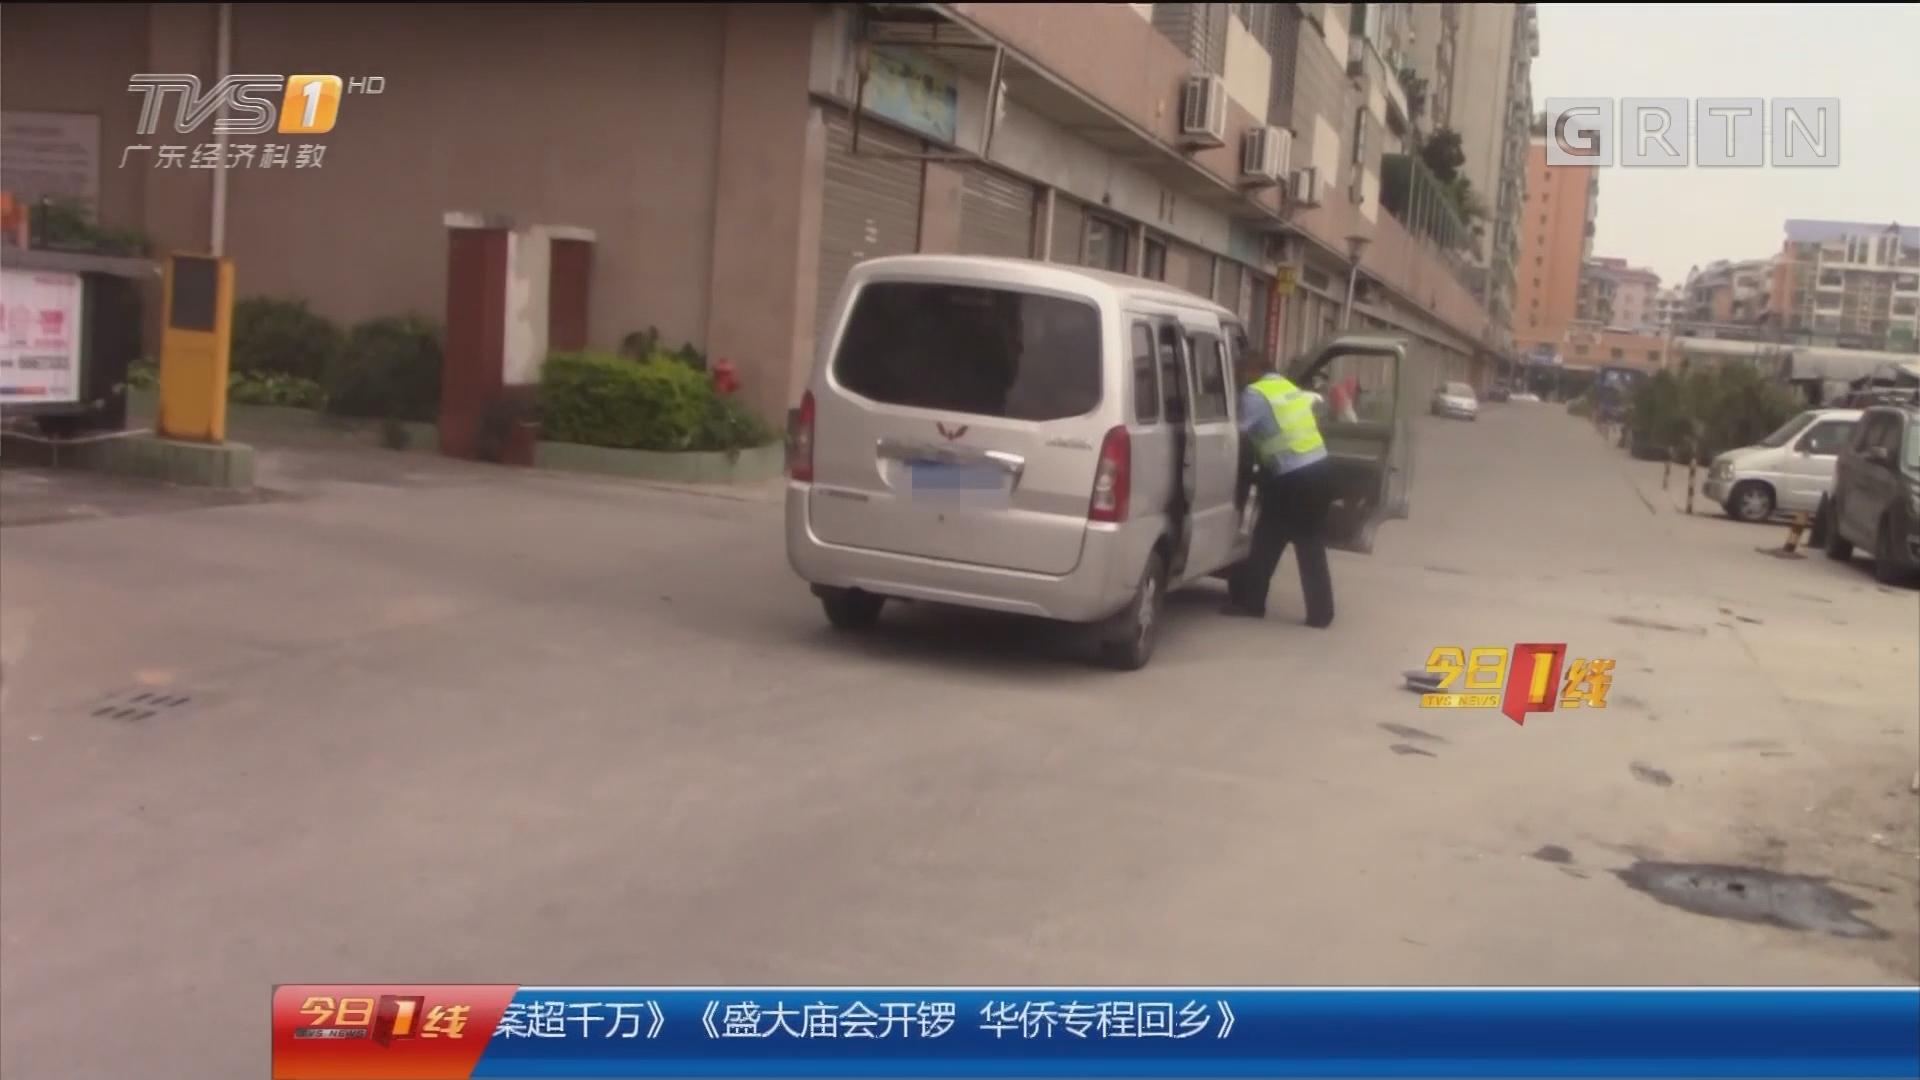 江门新会:路遇交警查车 司机逆行逃跑被抓